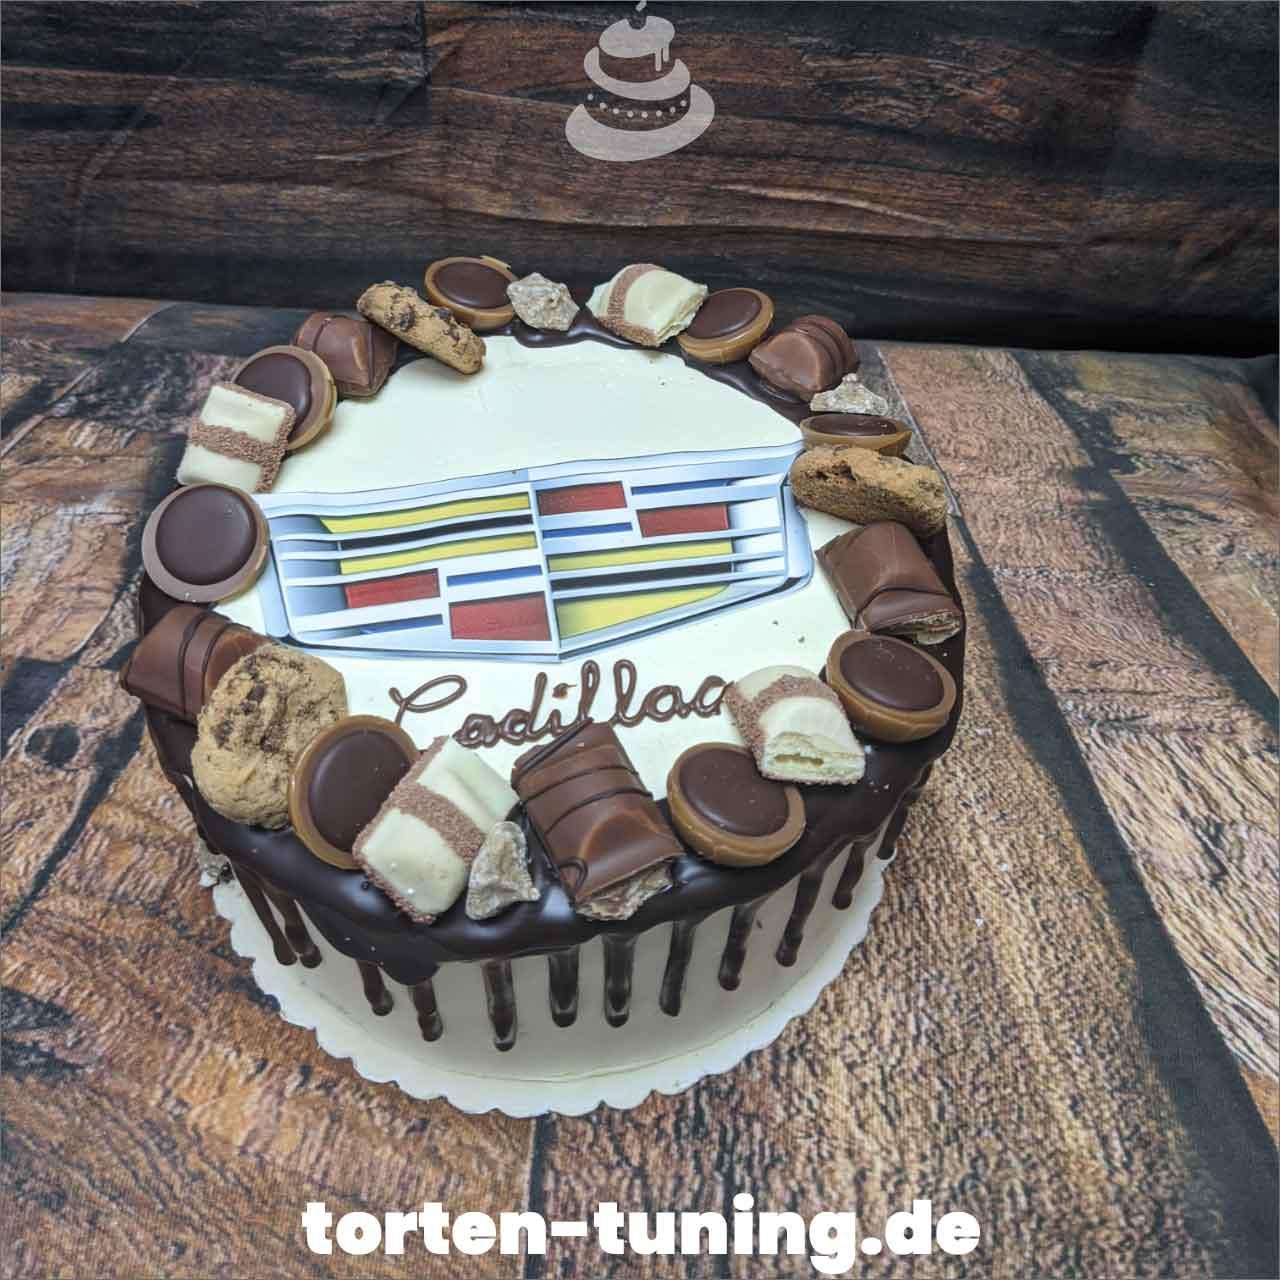 Süßigkeiten Toffifee Bueno Dripcake Obsttorte Geburtstagstorte Motivtorte Torte Tortendekoration Torte online bestellen Suhl Thüringen Torten Tuning Sahnetorte Tortenfiguren Cake Topper